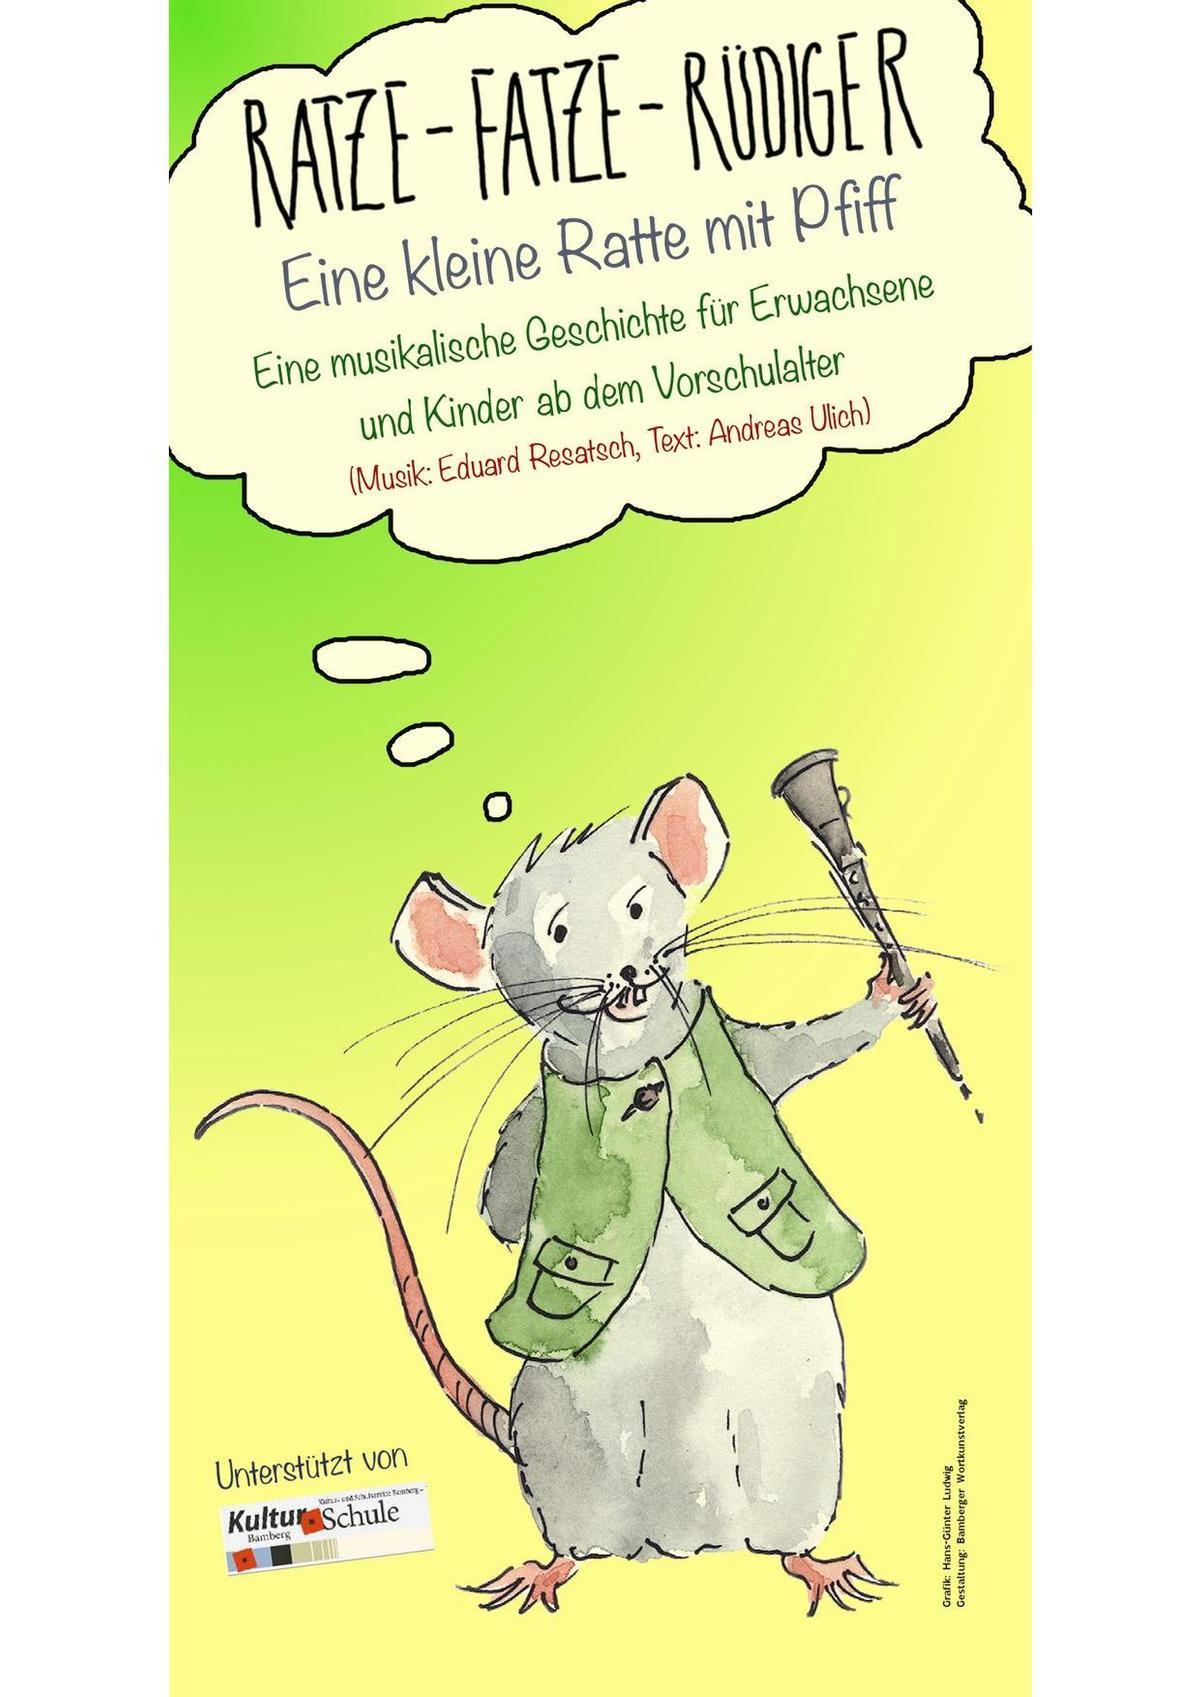 Ratze-Fatze-Rüdiger – Eine kleine Ratte mit Pfiff